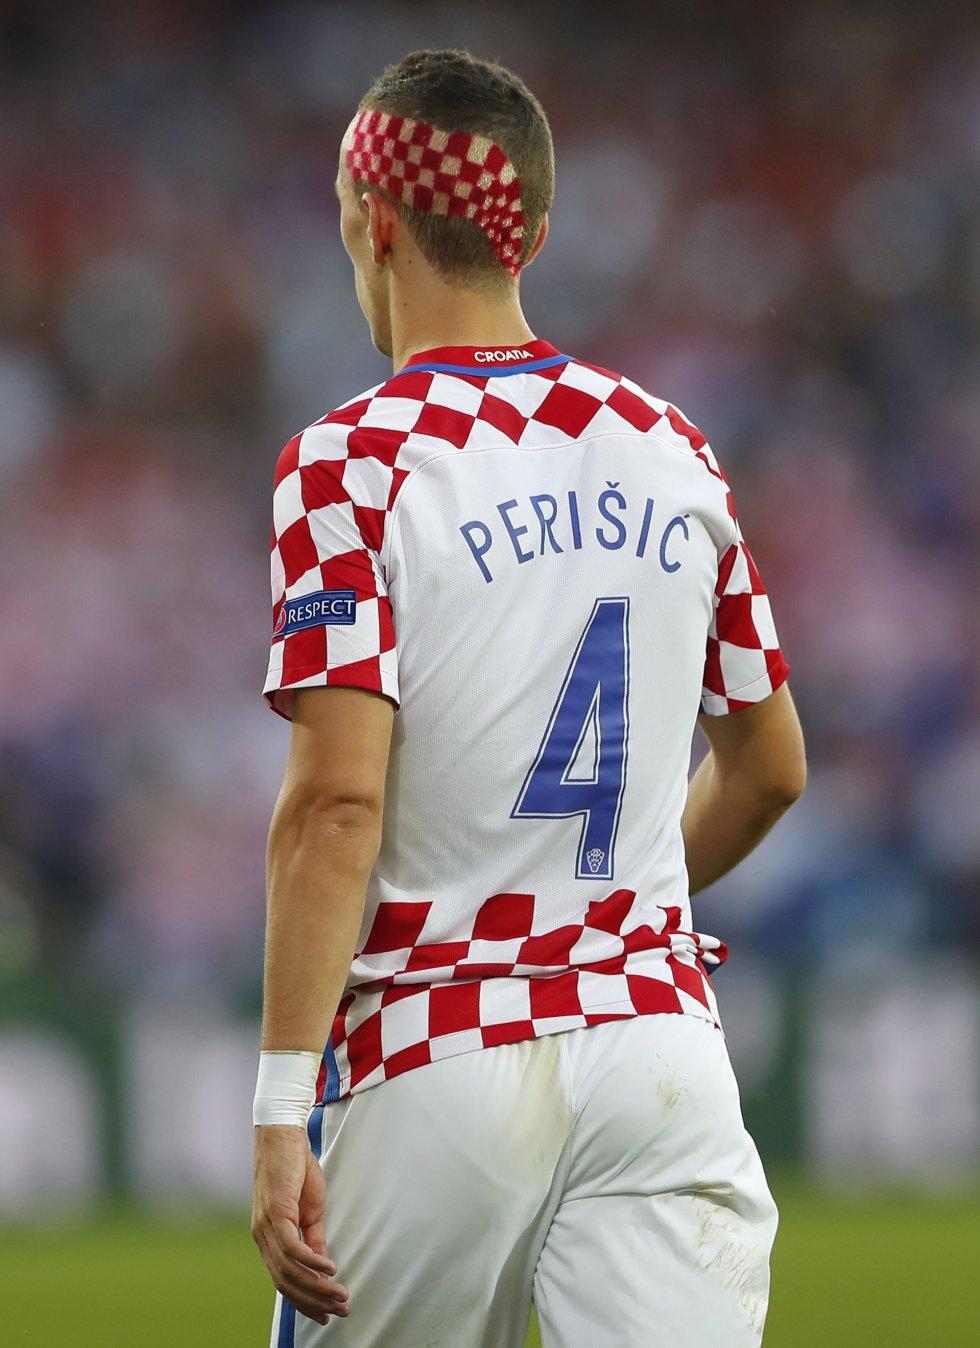 Perisic lució un look particular, en honor a la bandera croata.